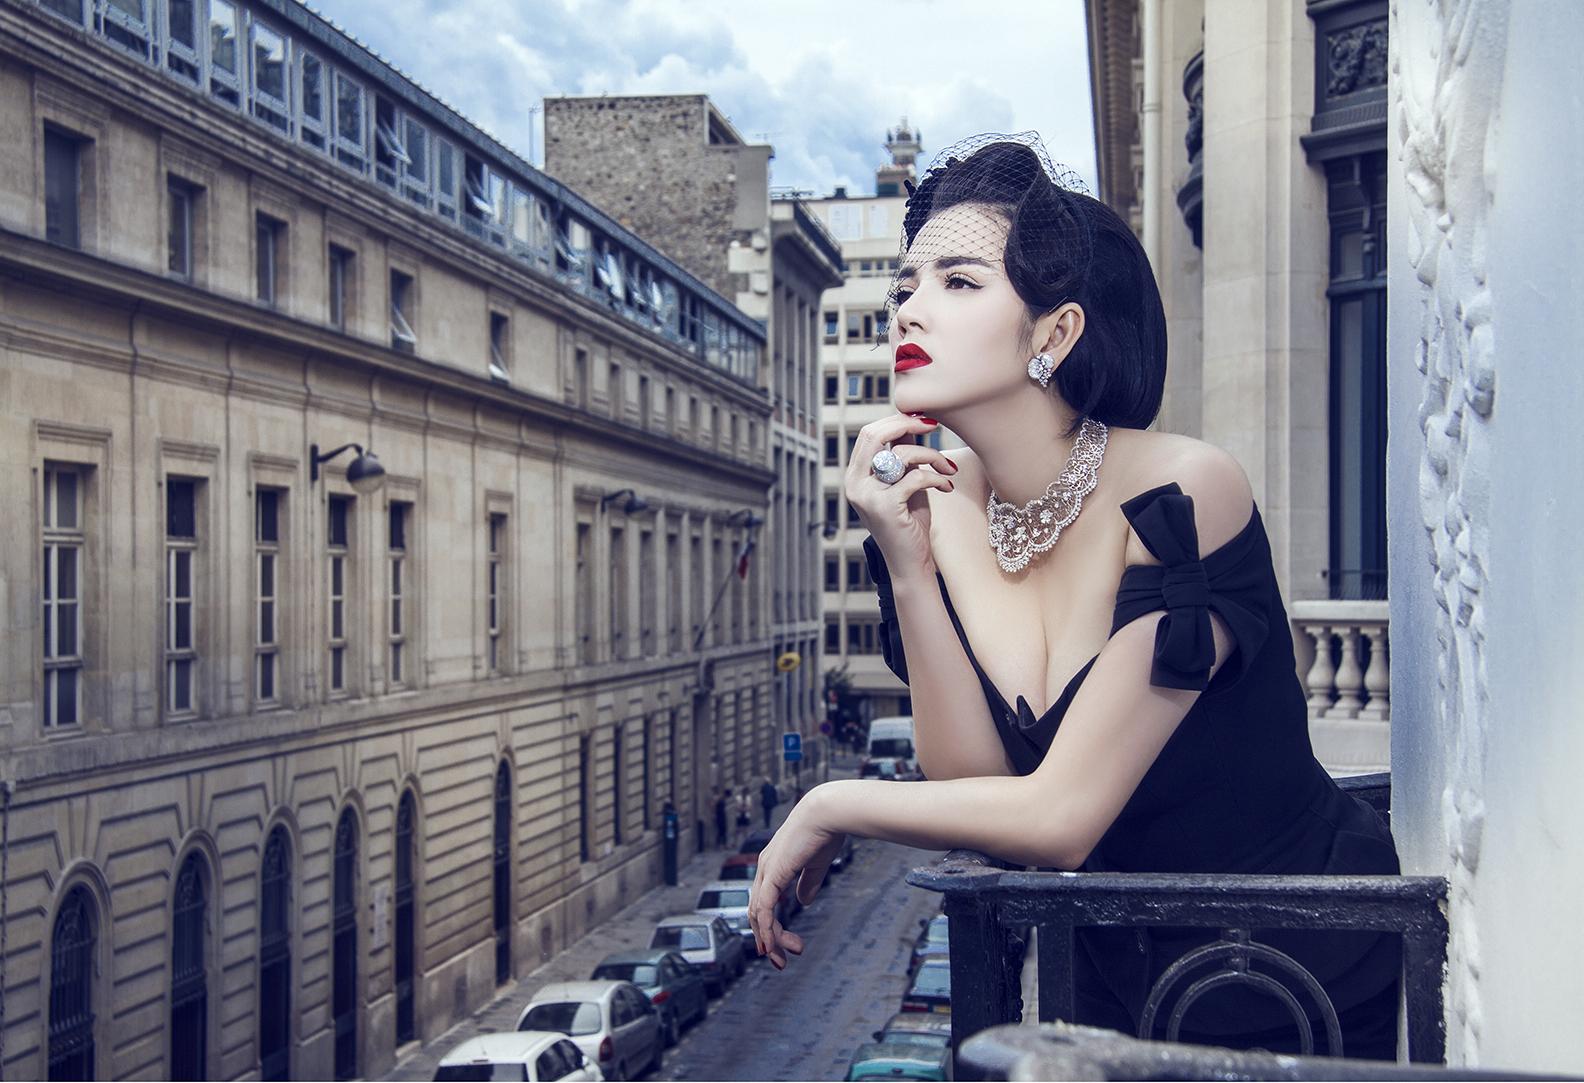 Phong cách thời trang cổ điển Pháp